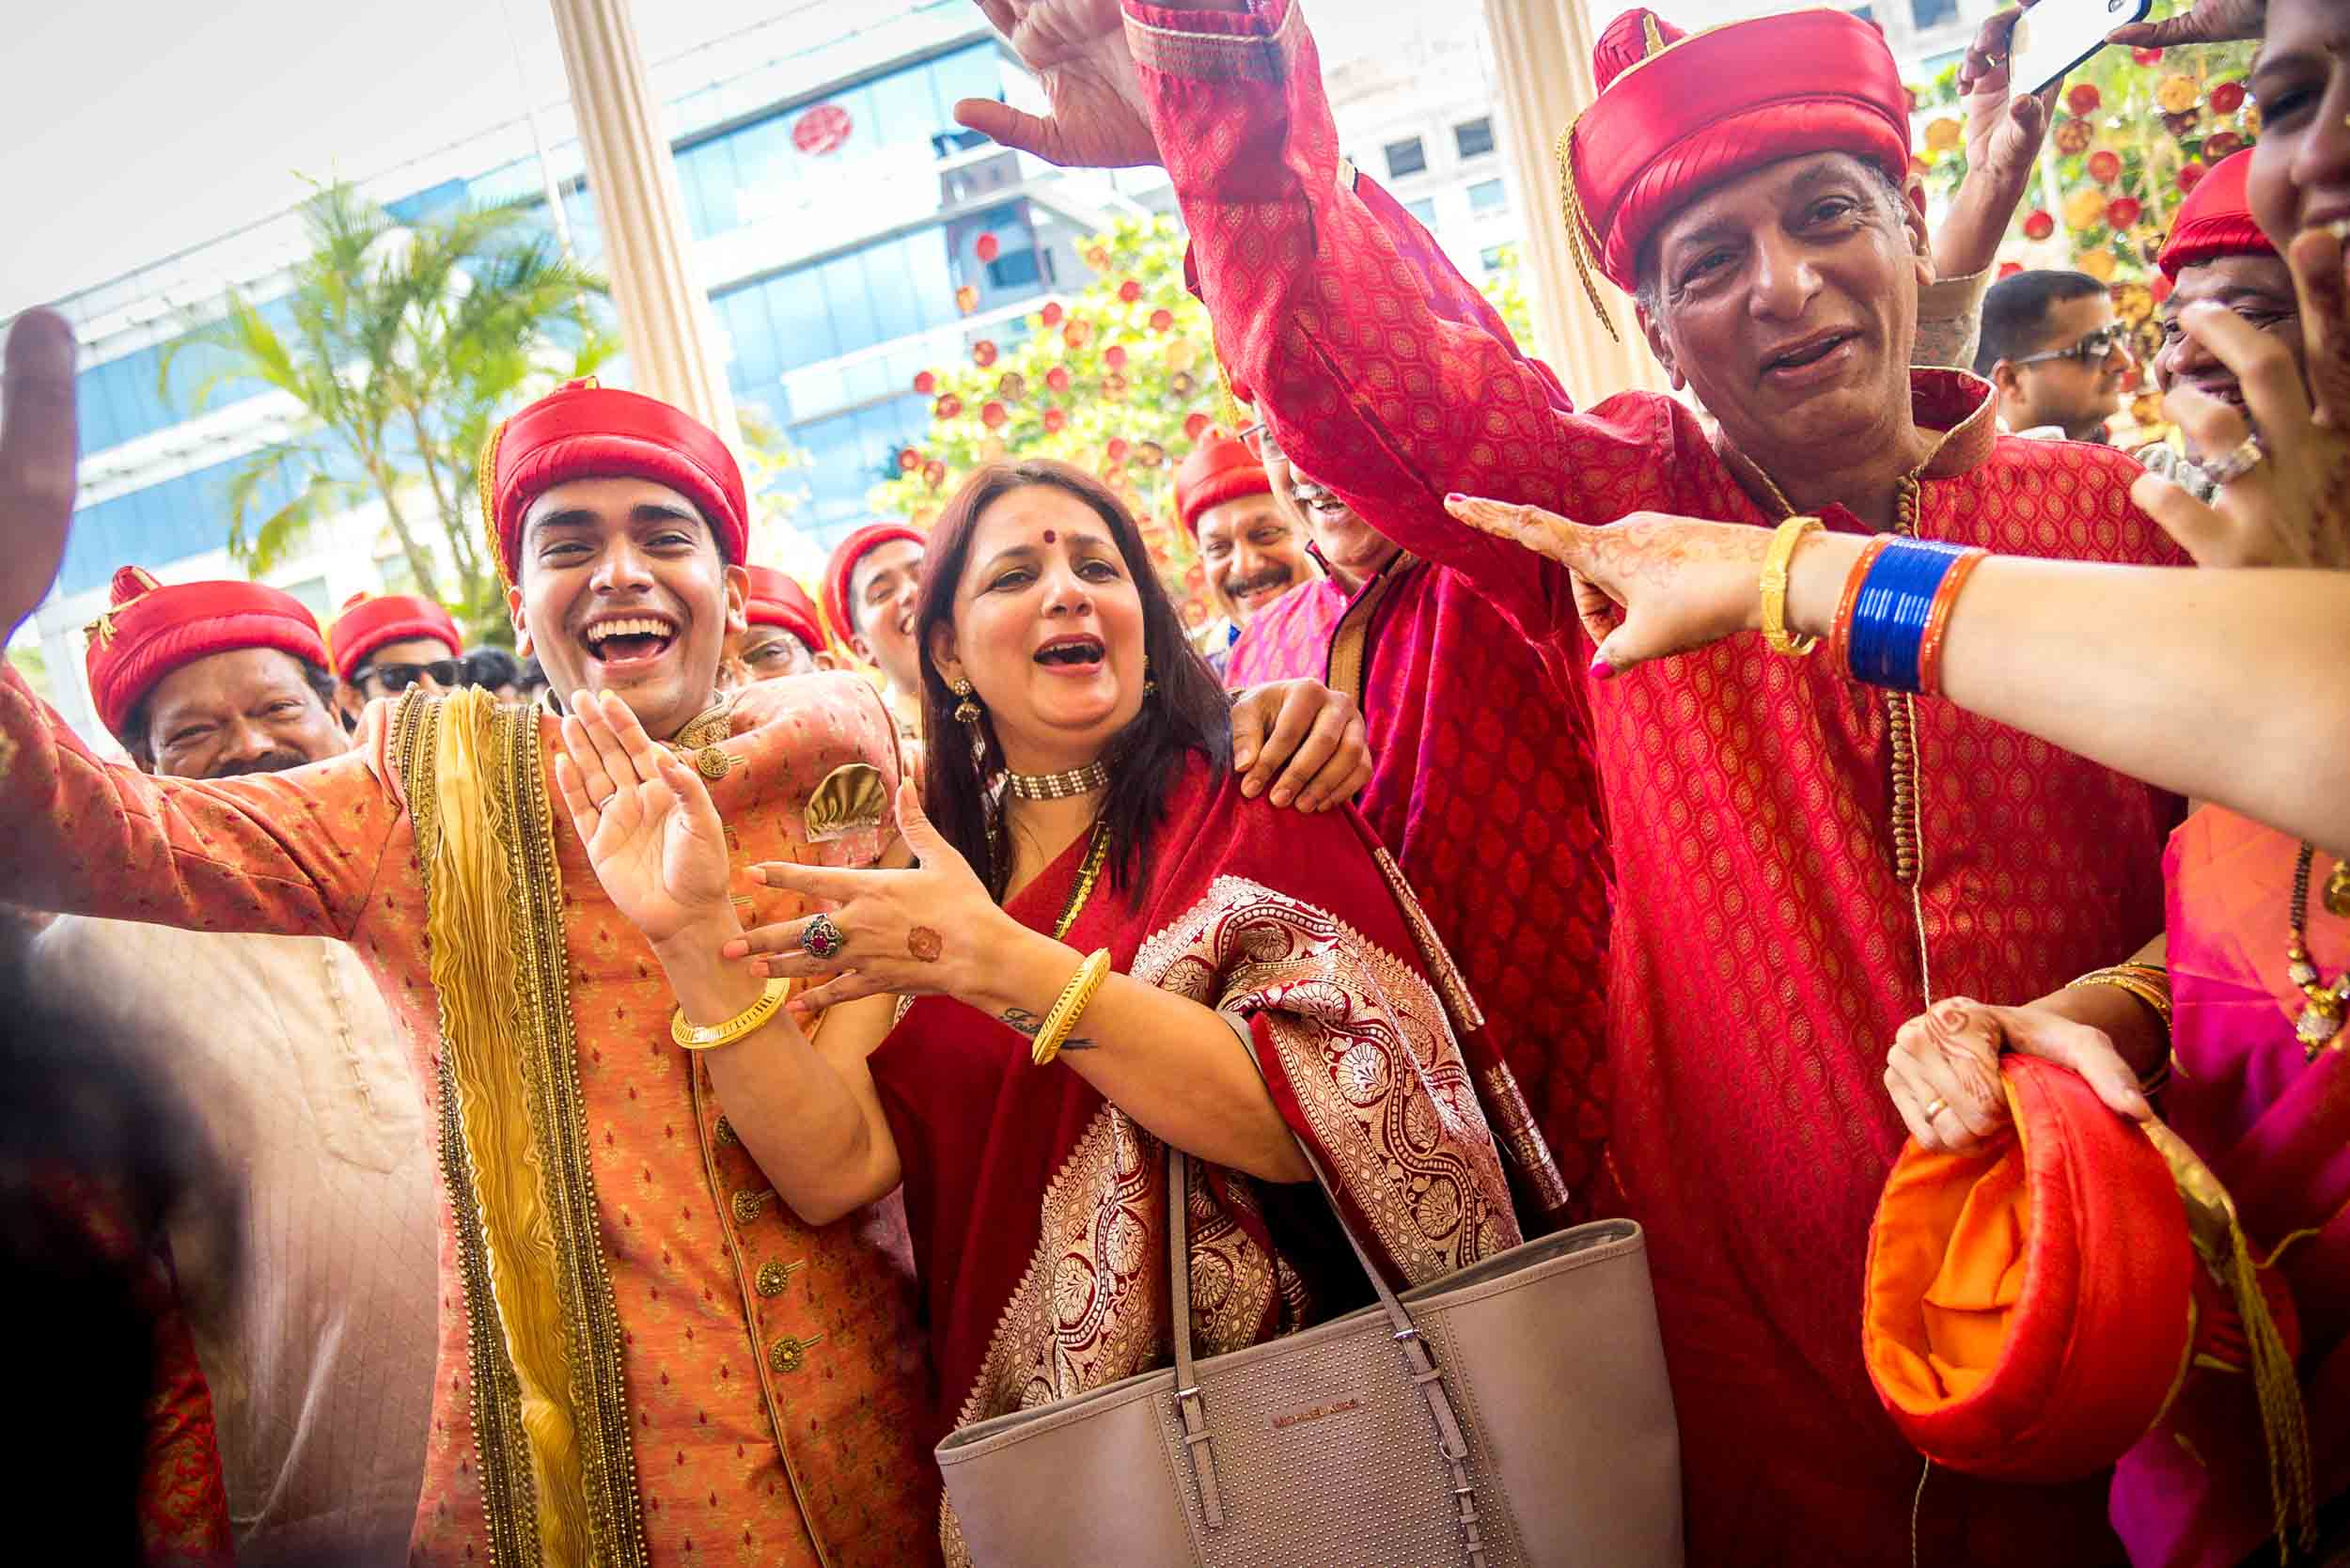 mumbai-pune-wedding-38.jpg